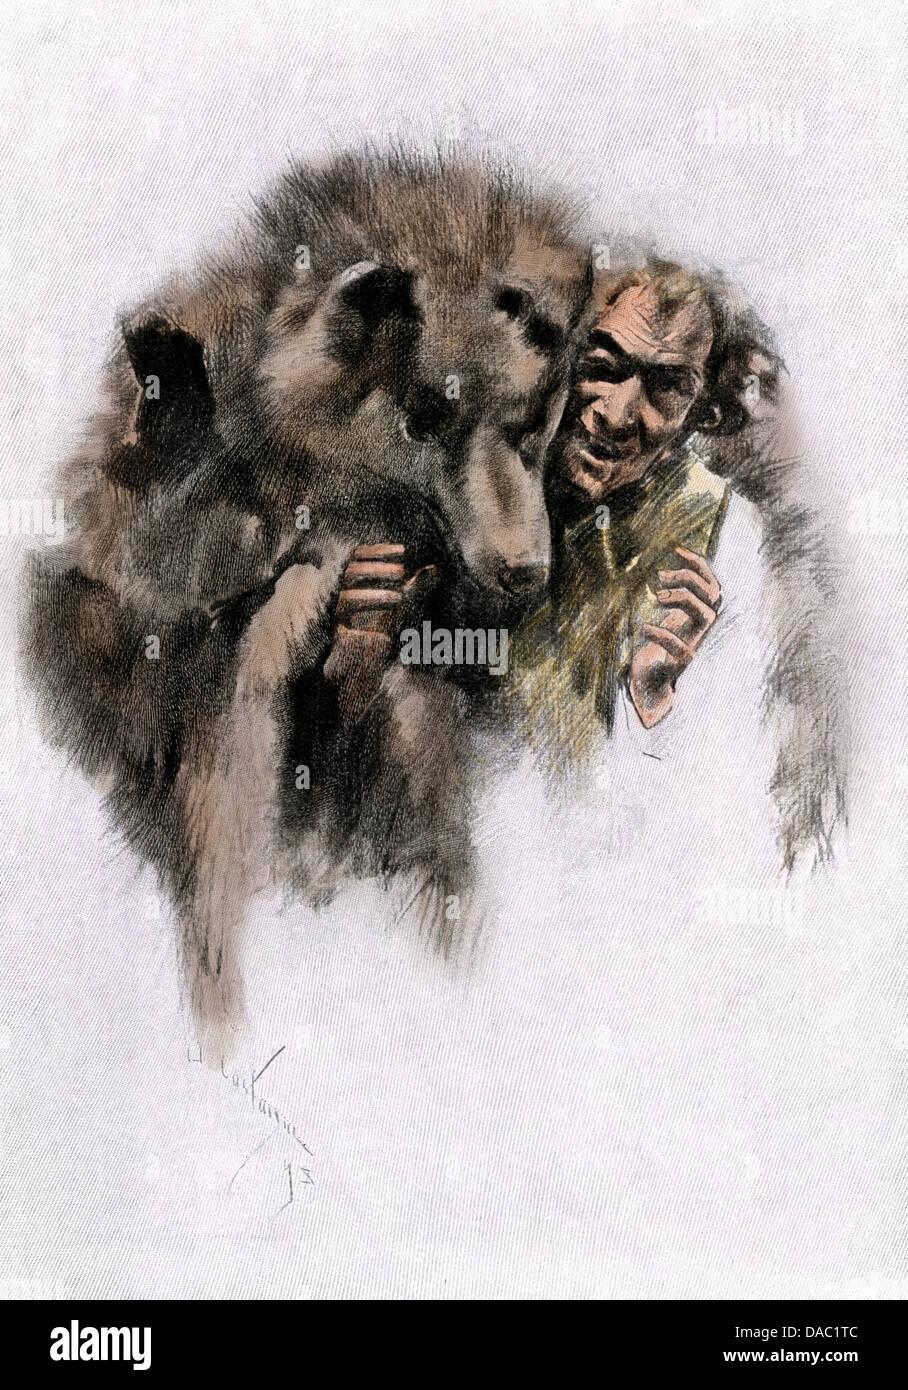 Loup-garou, ein kanadisches Werwolf Legende, 1800. Hand - farbige Holzschnitt Stockbild